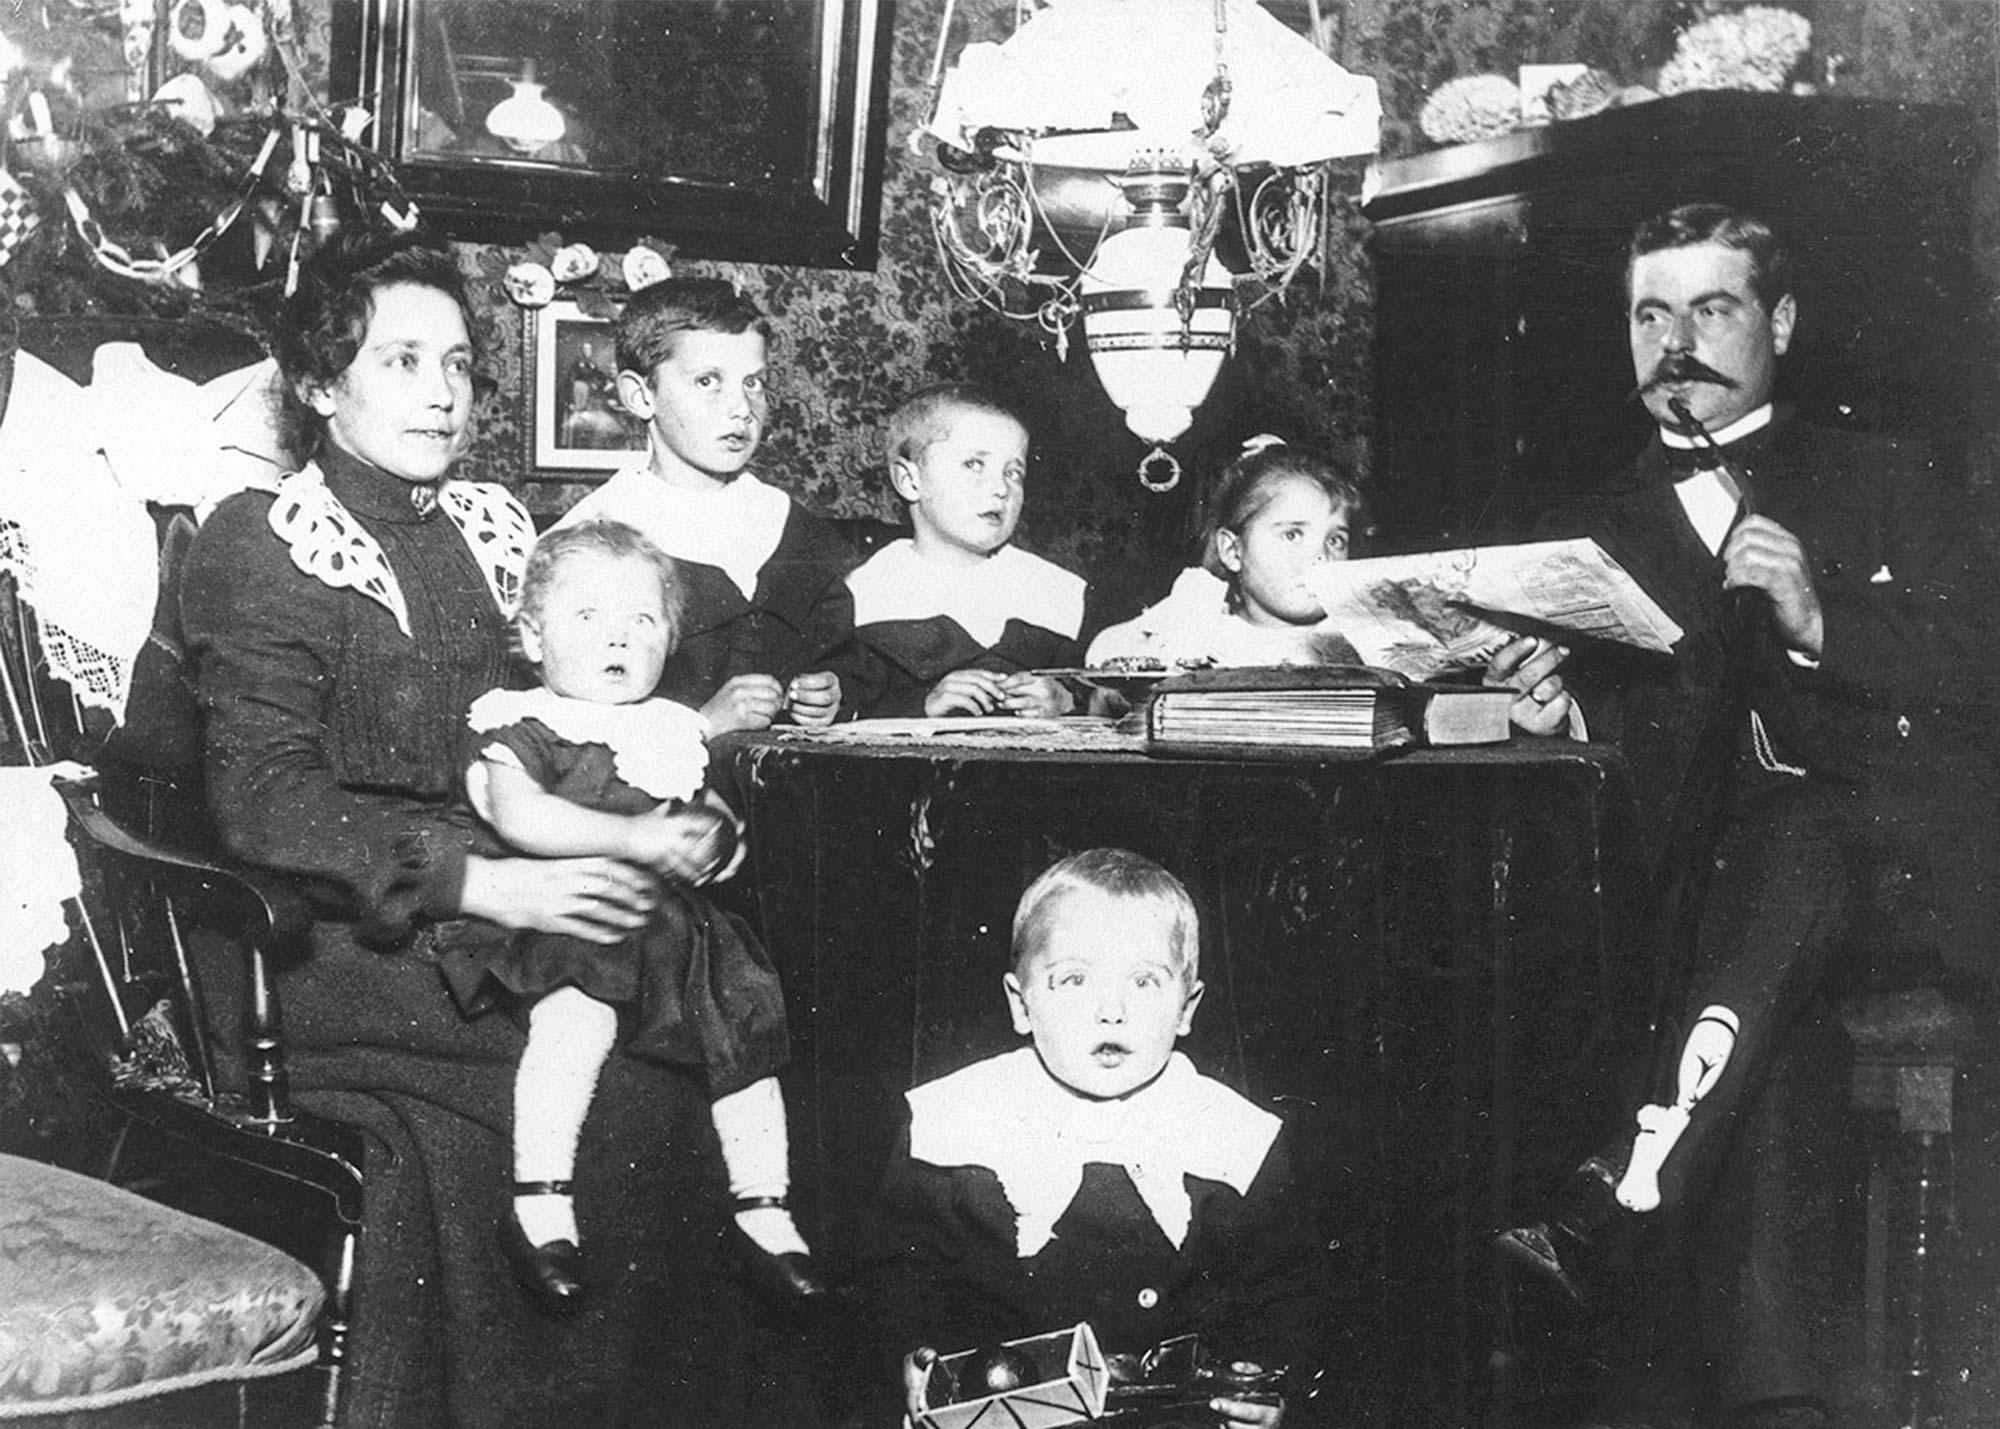 Ukendt familie i deres stue med juletræ i baggrunden. Fotoet stammer fra 1902–1904. Foto: Historisk Arkiv Dragør.